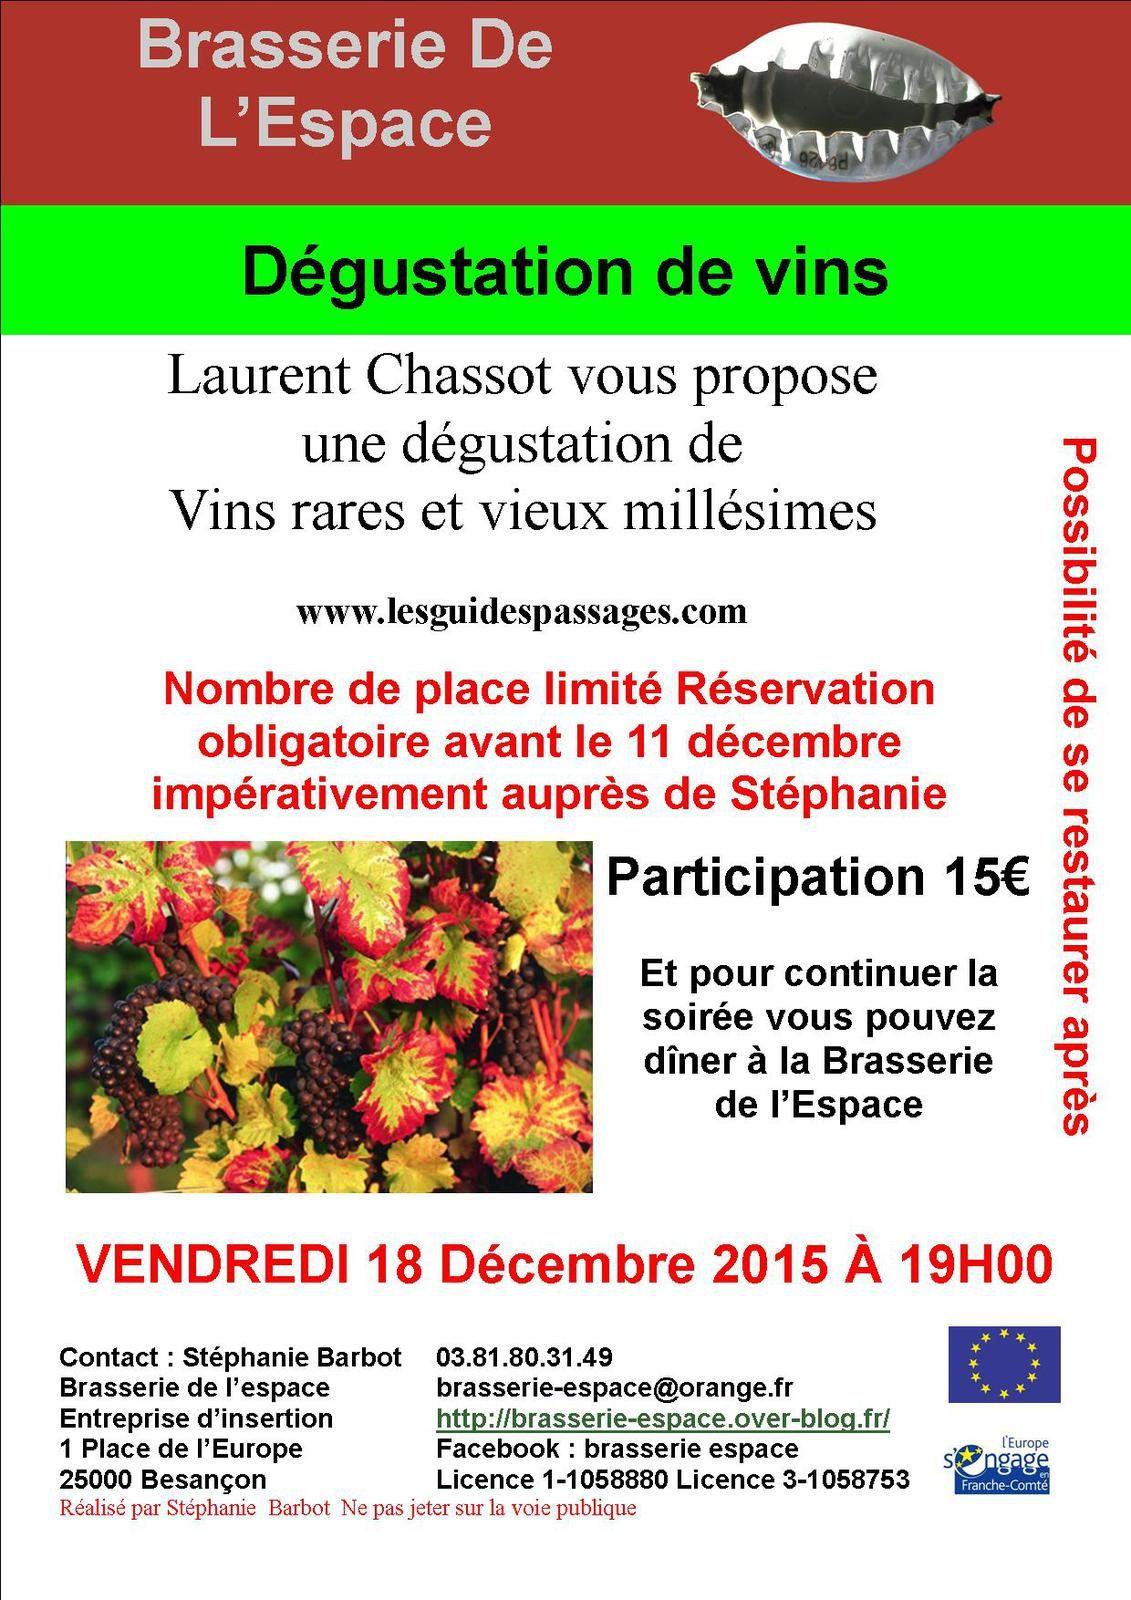 Dégustation de vins 18 décembre 2015